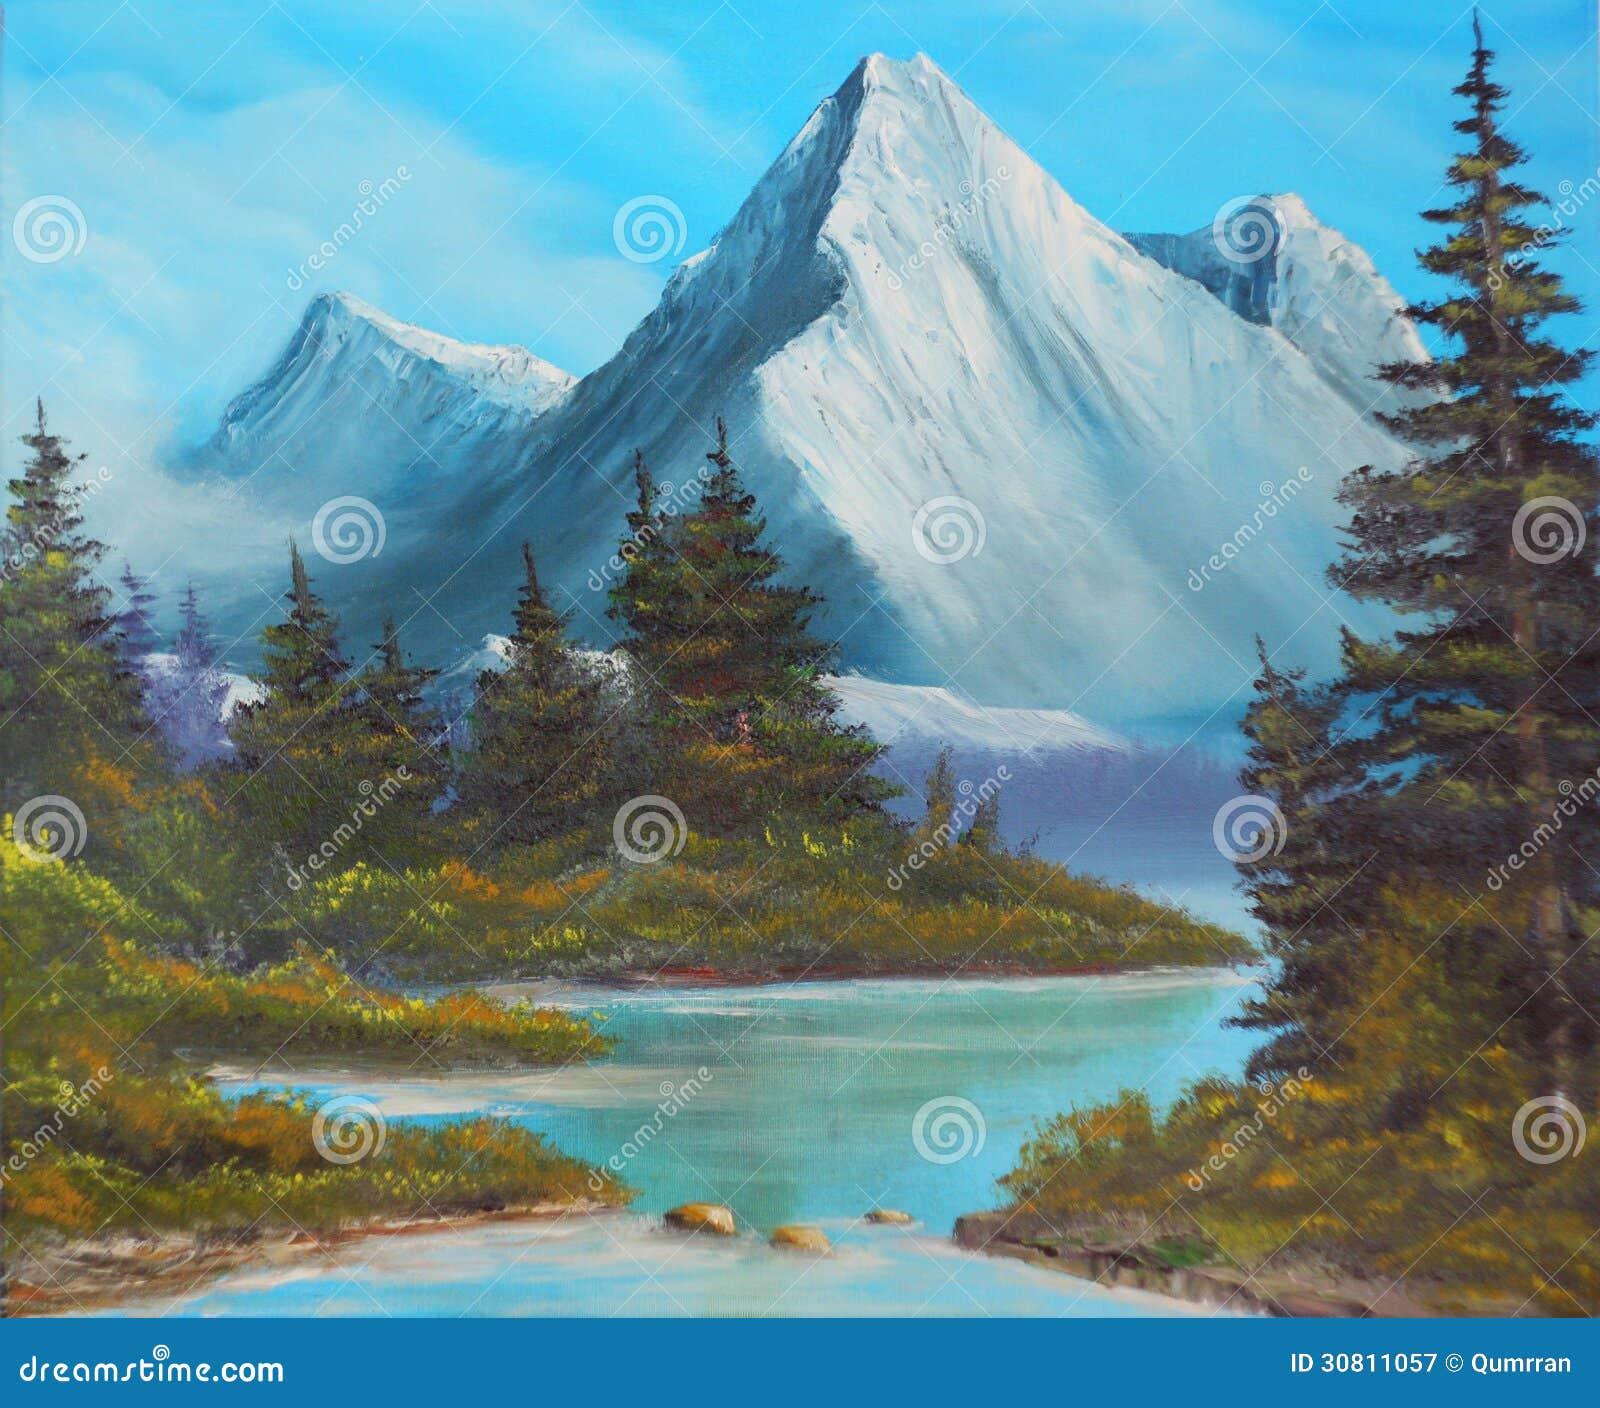 photographie stock libre de droits les arbres sur la banque du lac montagne dcrivent une peinture l huile toile image